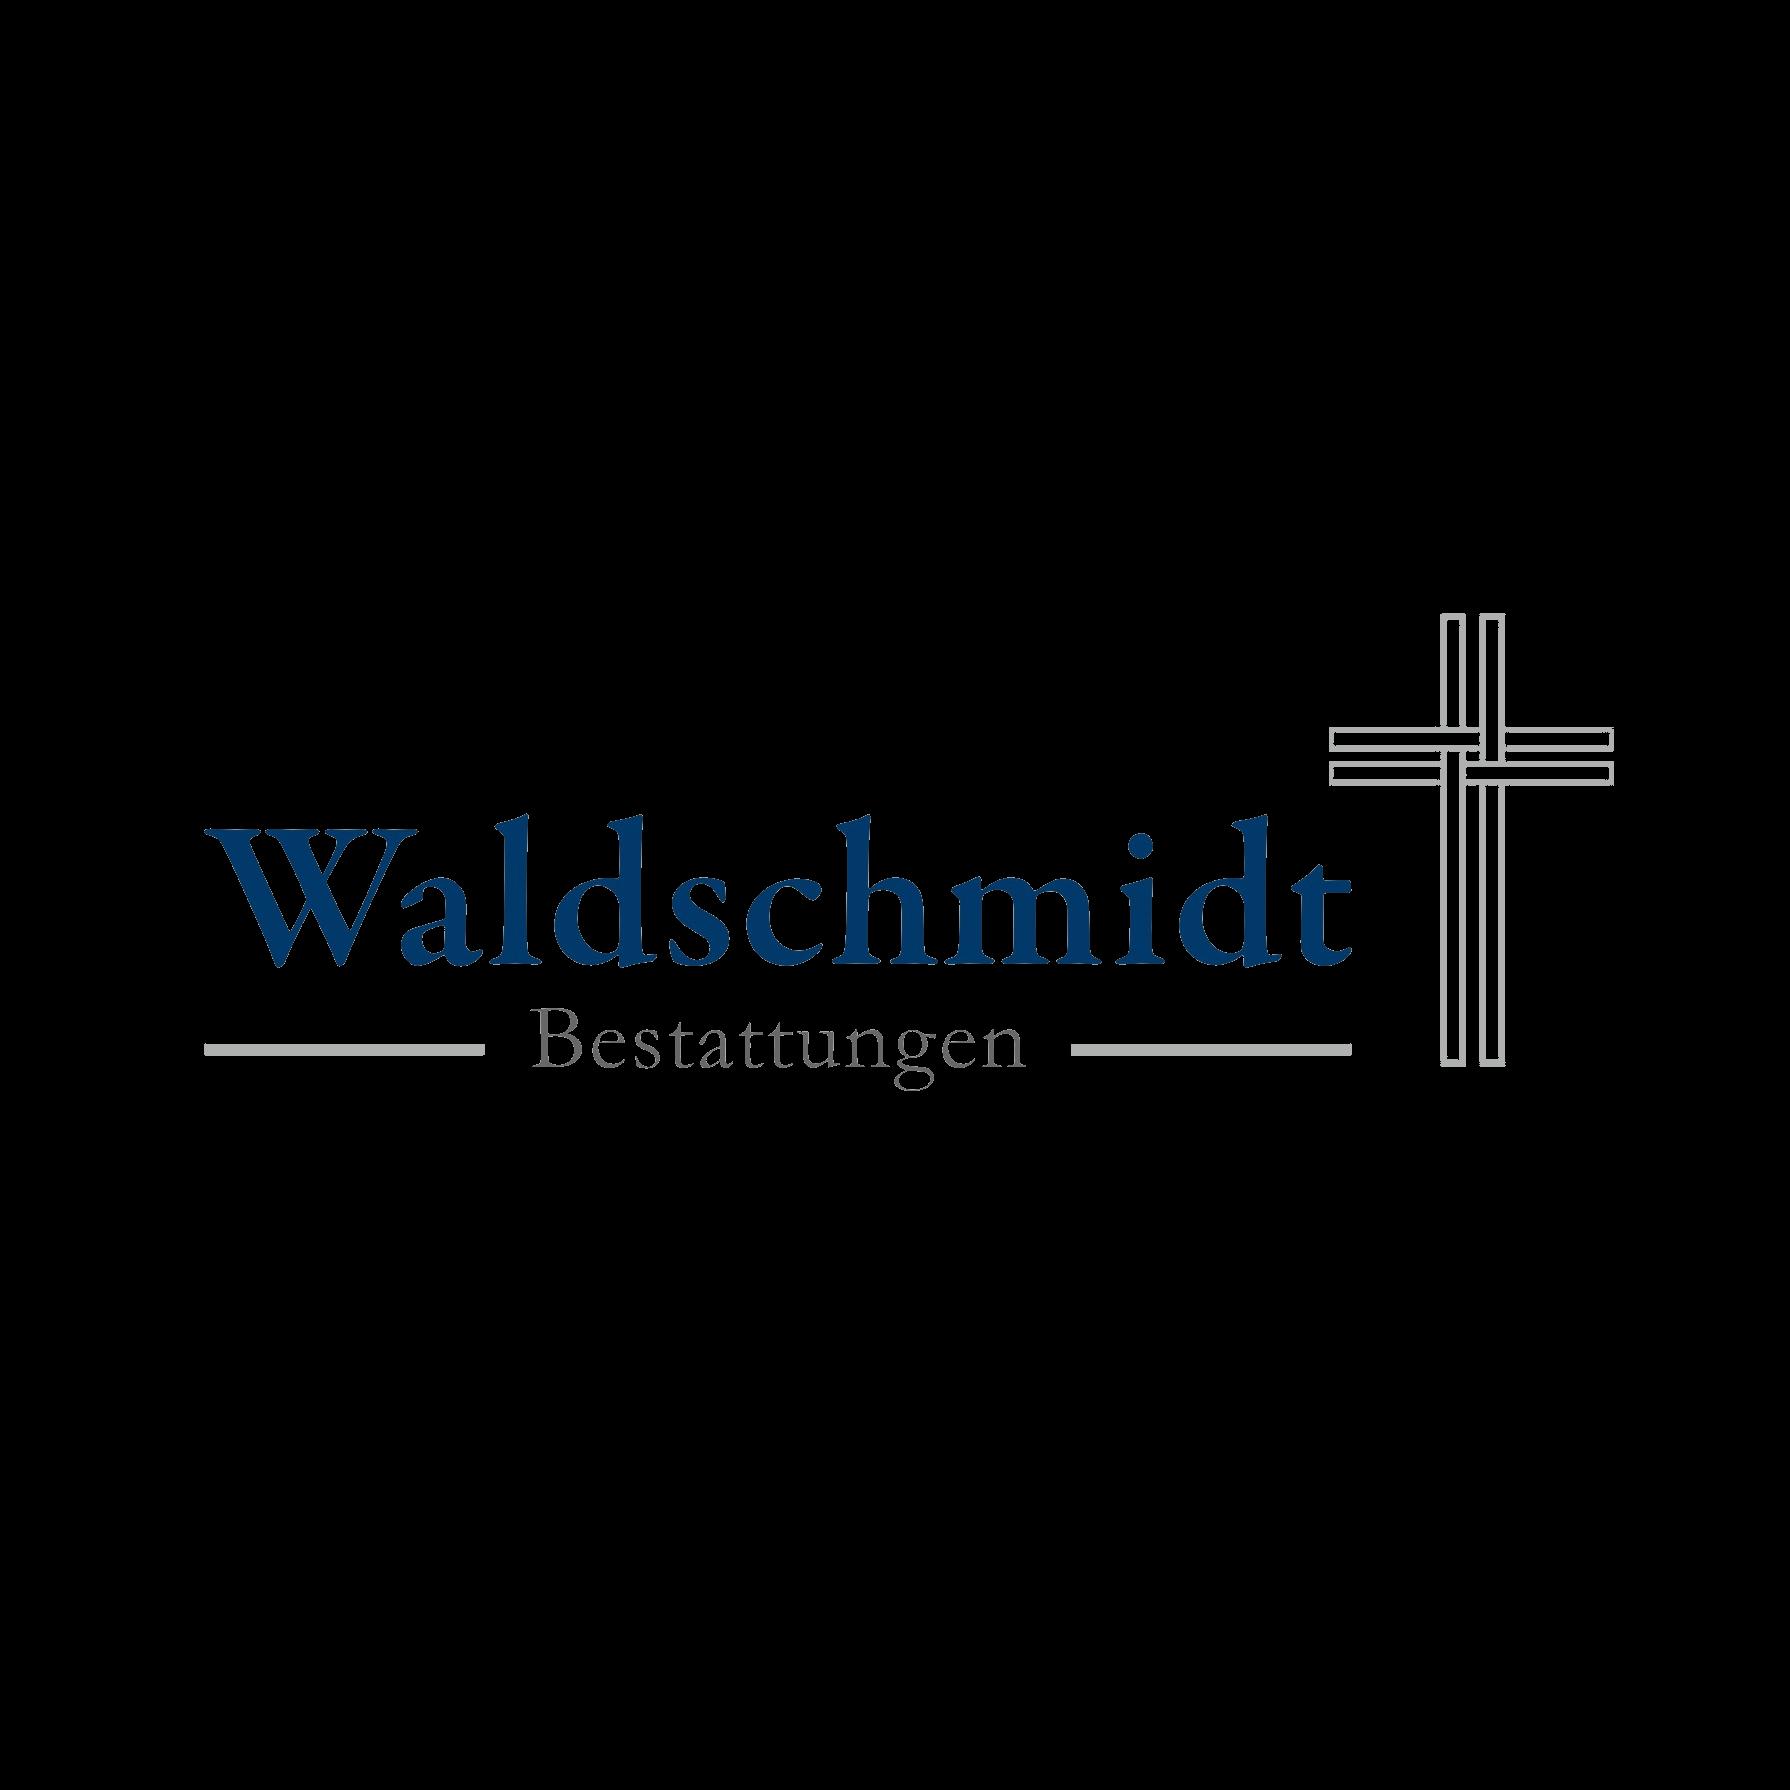 Waldschmidt_Bestattungen